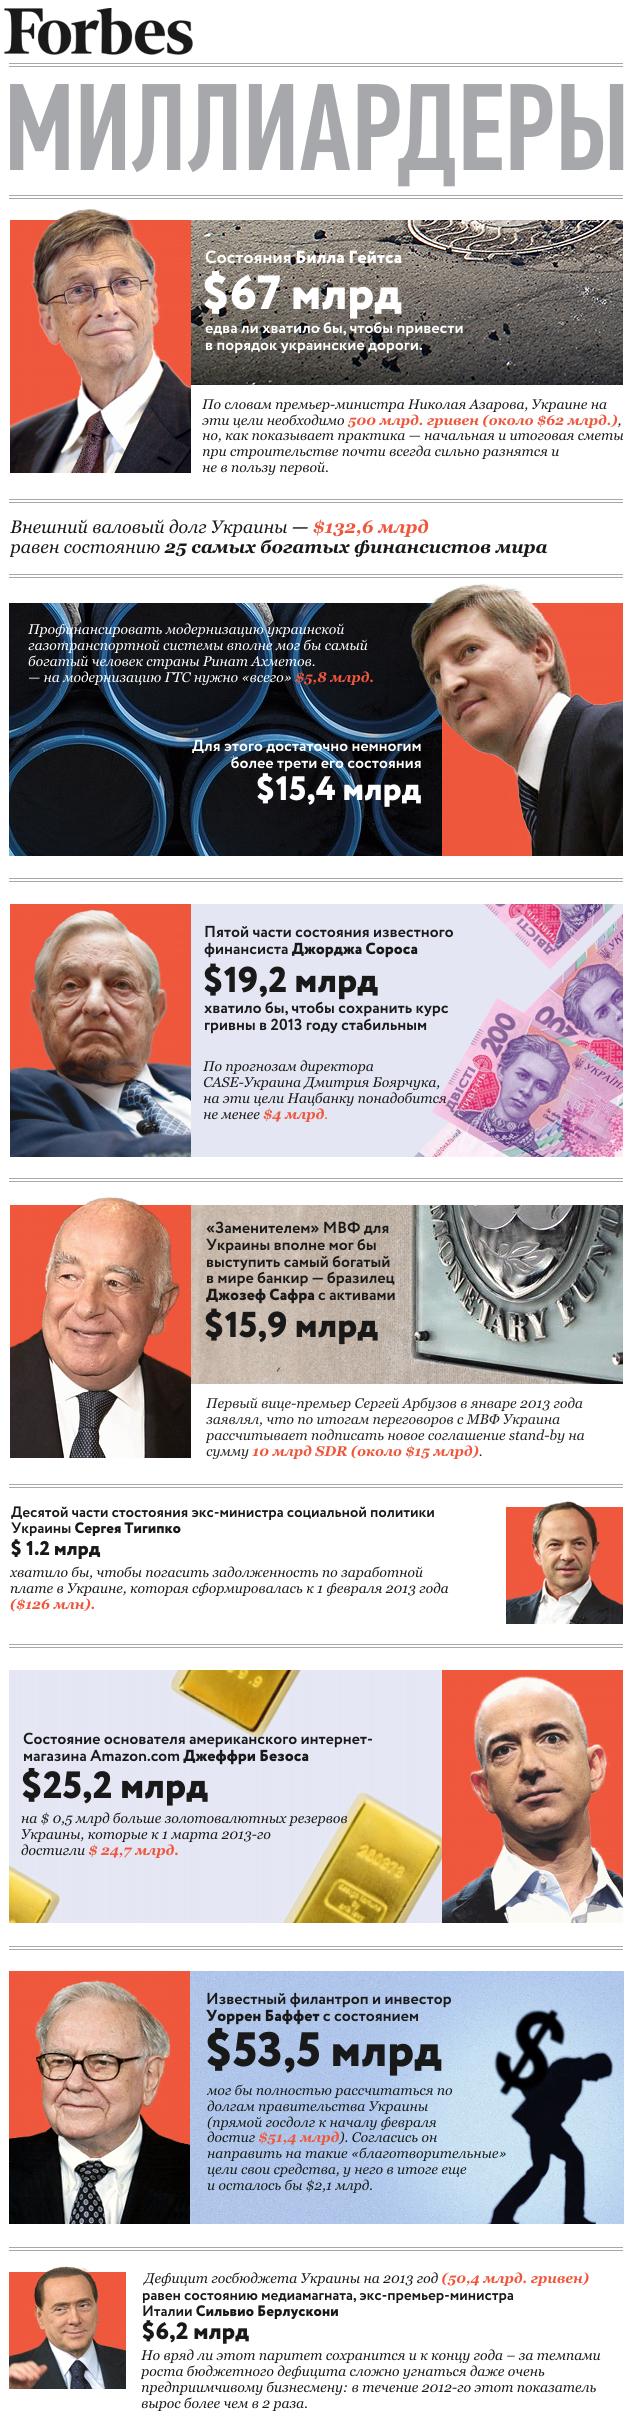 Экономика Украины сквозь призму рейтинга миллиардеров Forbes